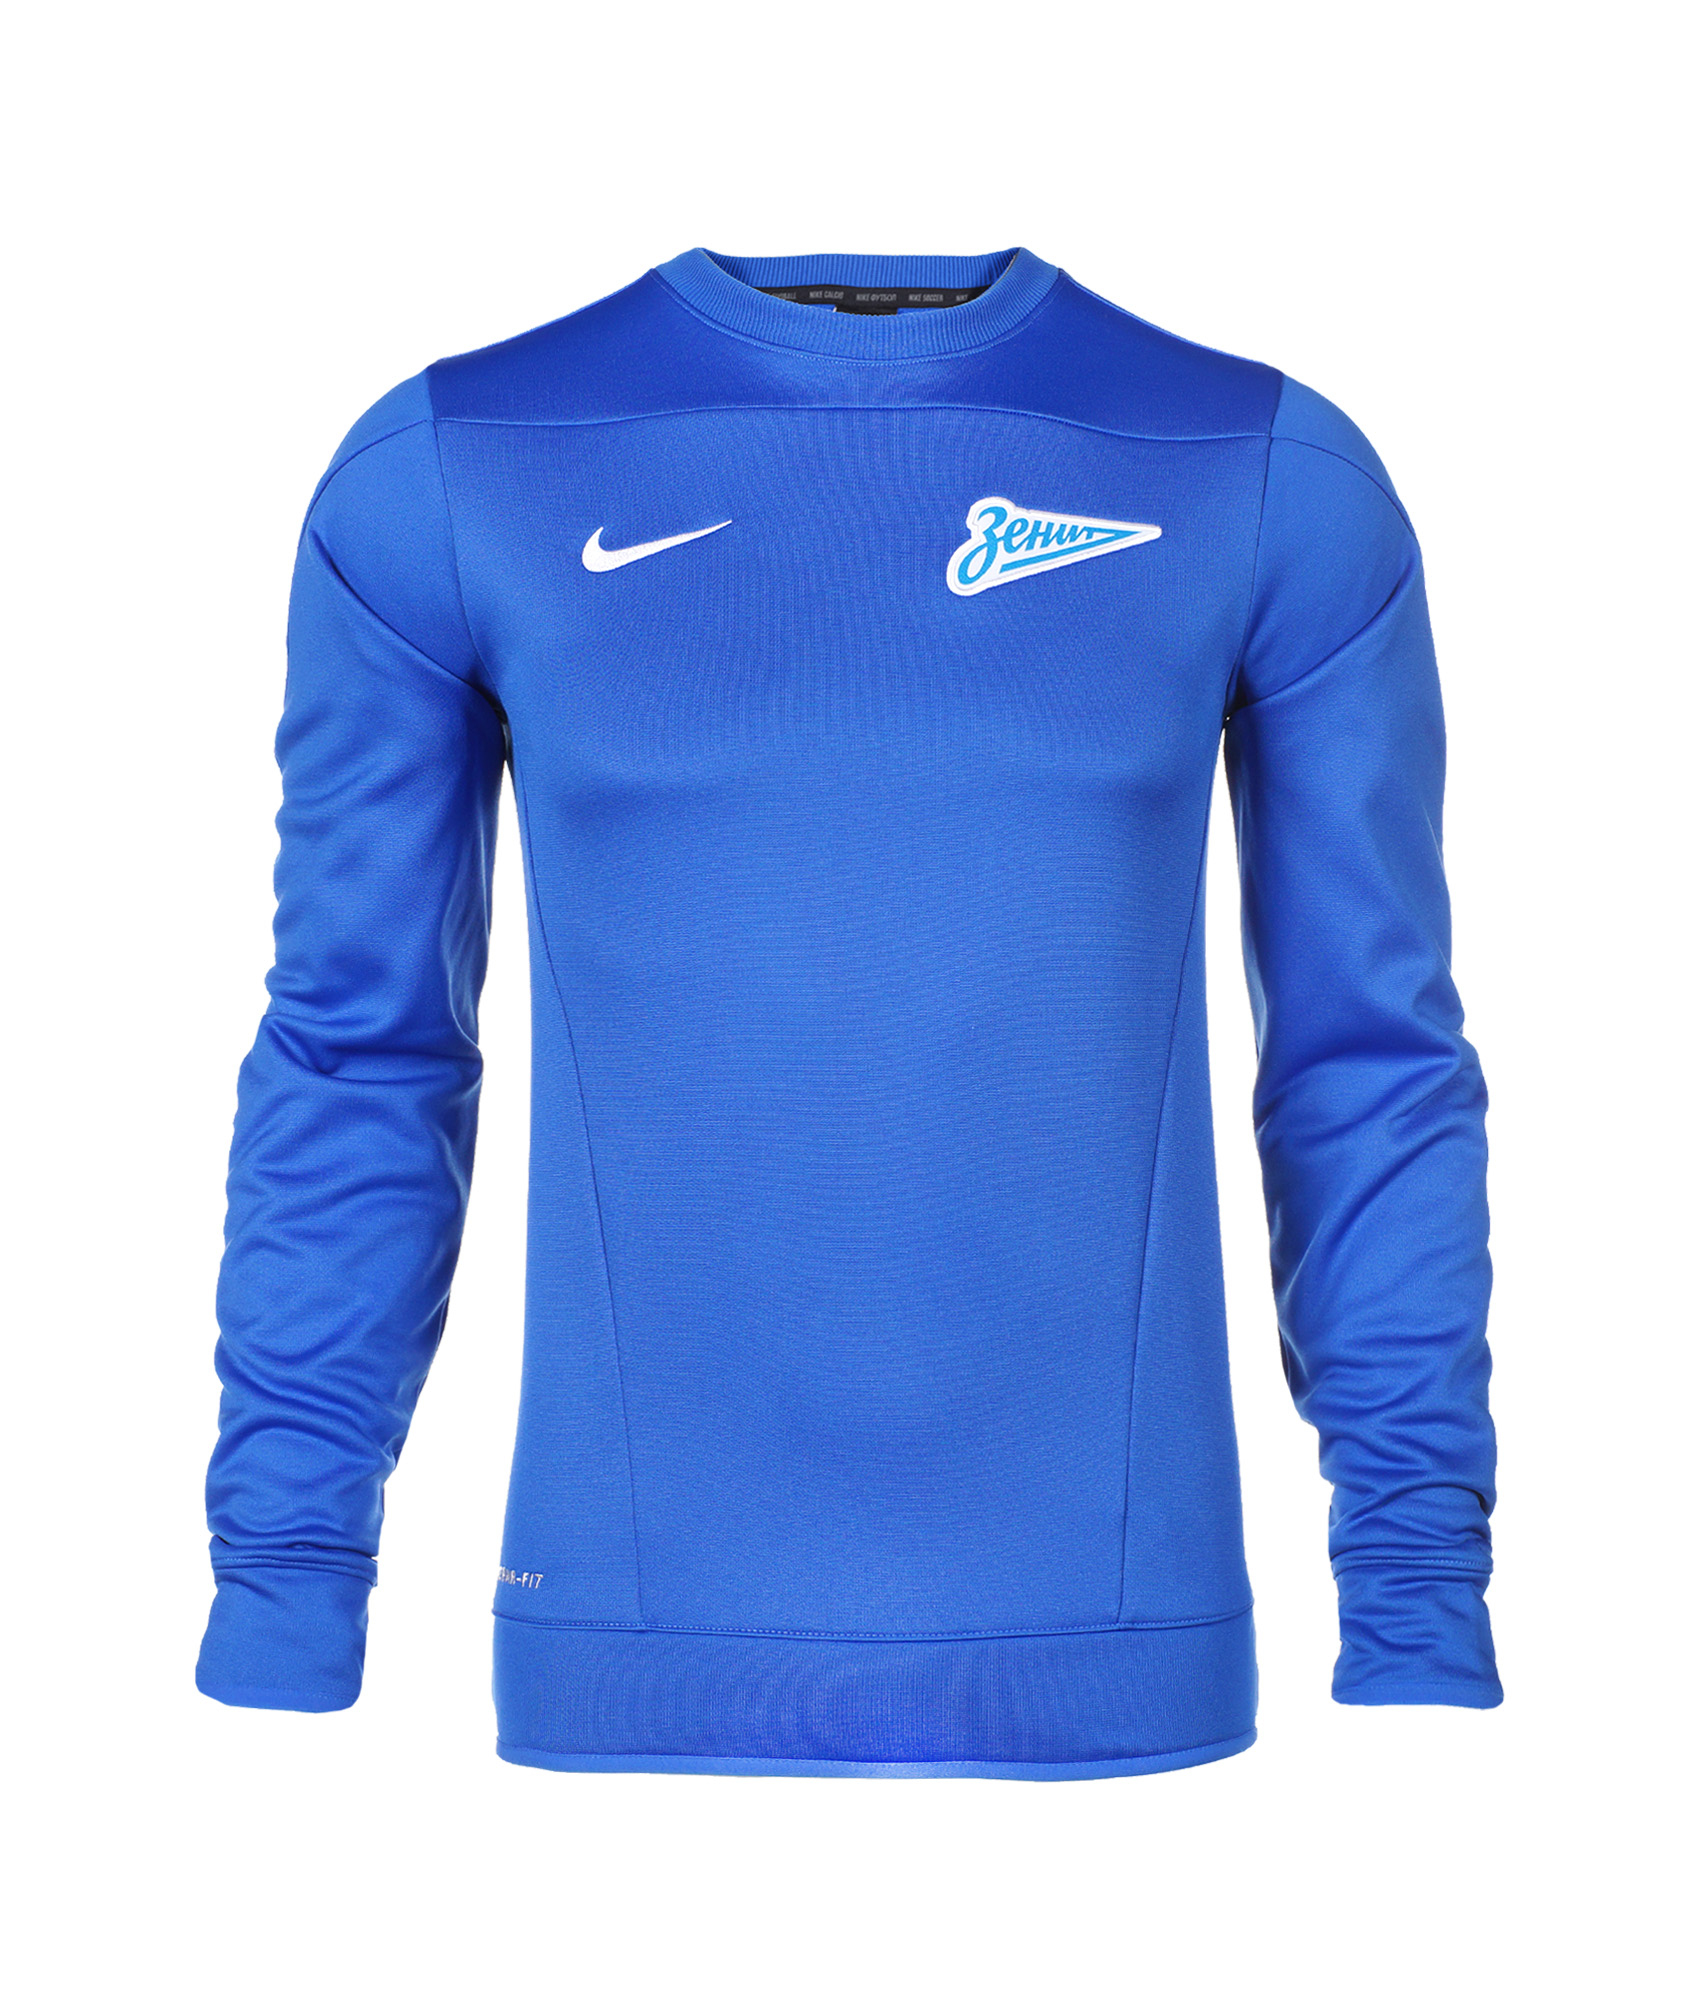 Джемпер тренировочный Nike Zenit Squad OTH LS TOP, Цвет-Синий, Размер-L